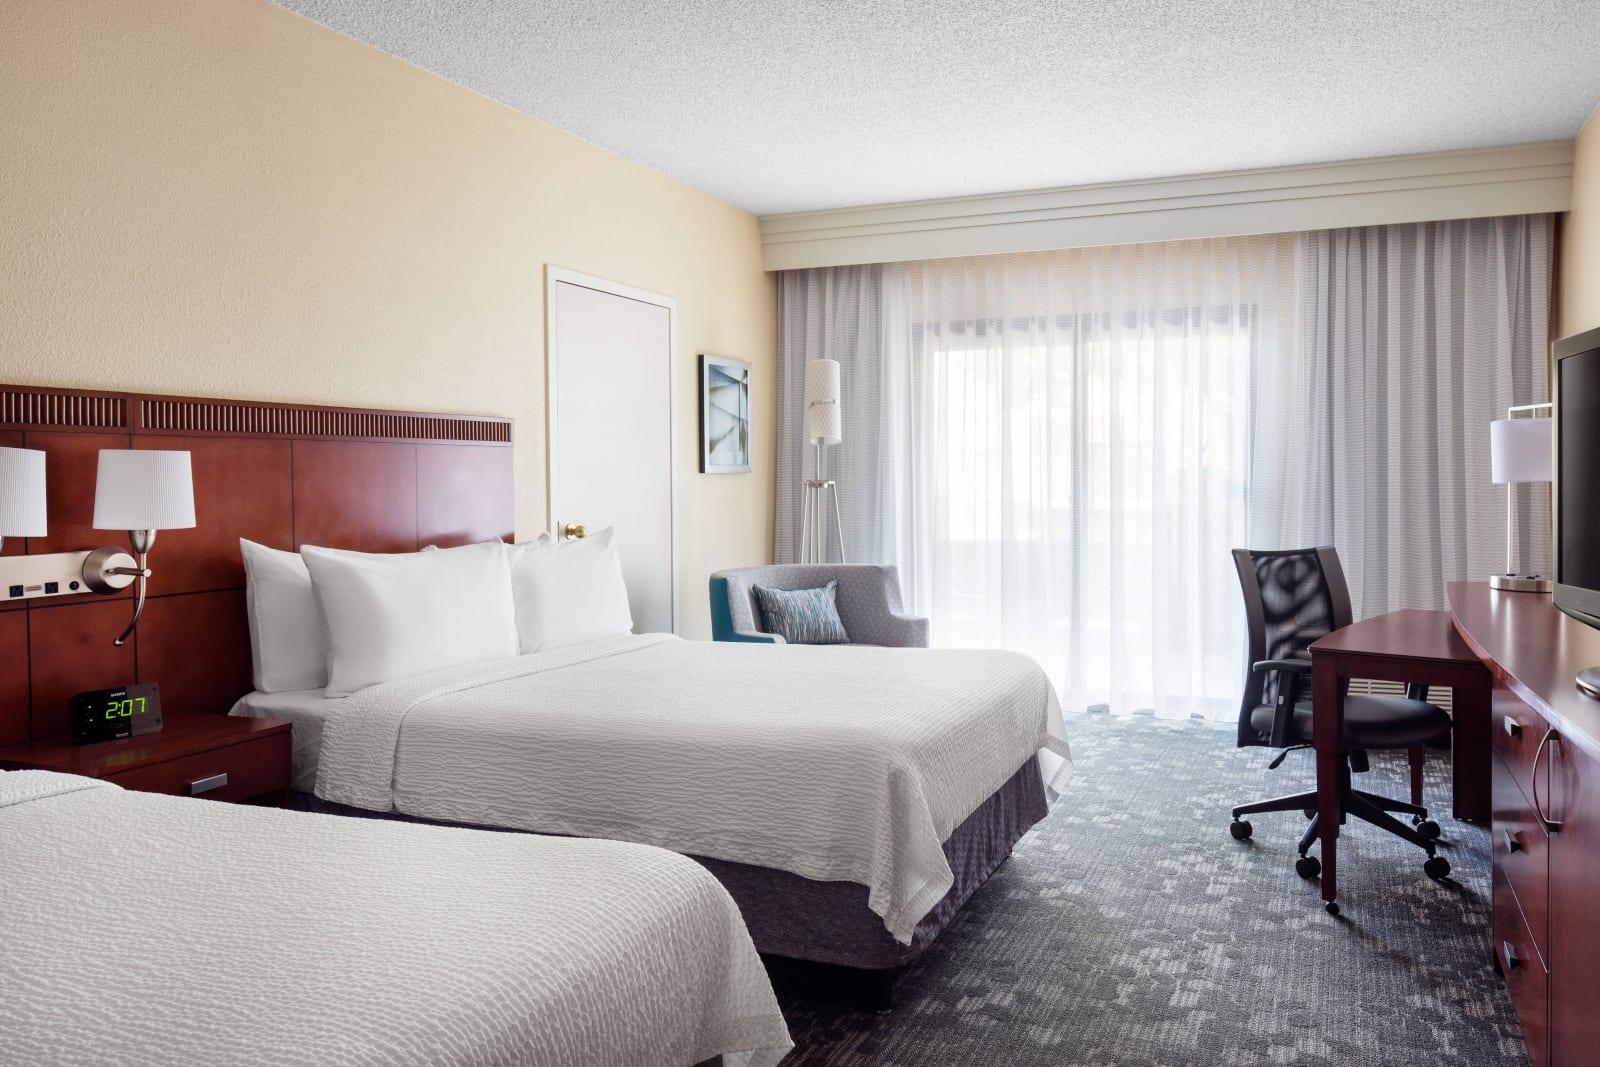 Courtyard by Marriott Denver Stapleton Hotel Room